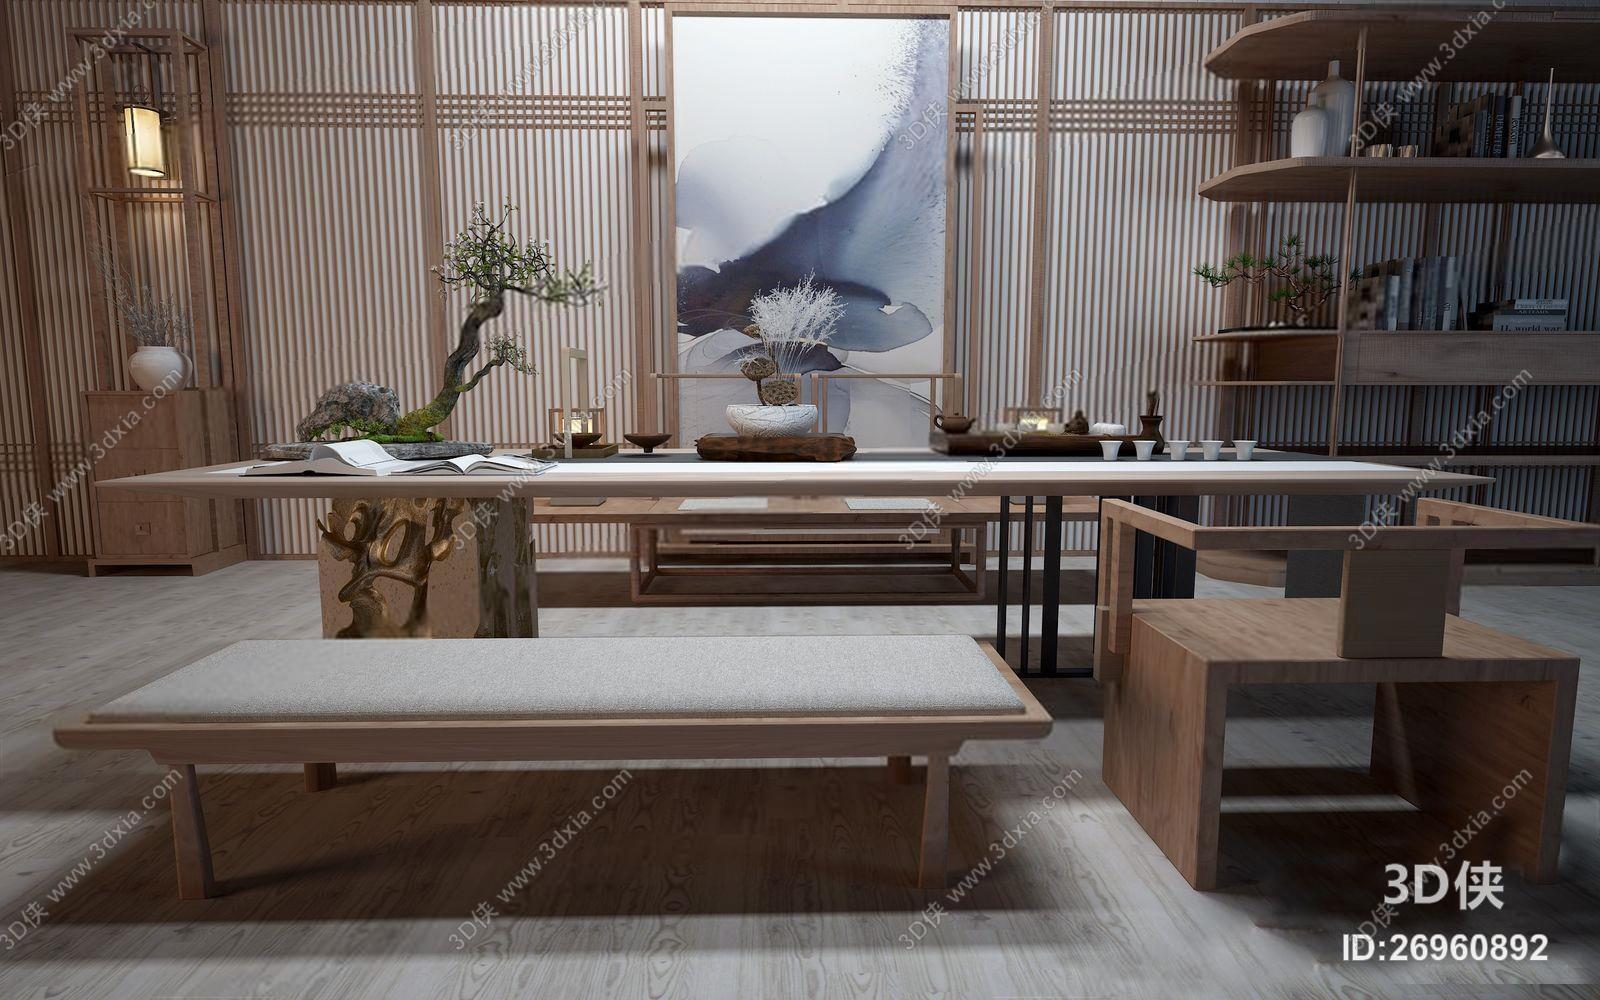 办公椅效果图素材免费下载,本作品主题是禅意茶桌椅 新中式茶台 椅子